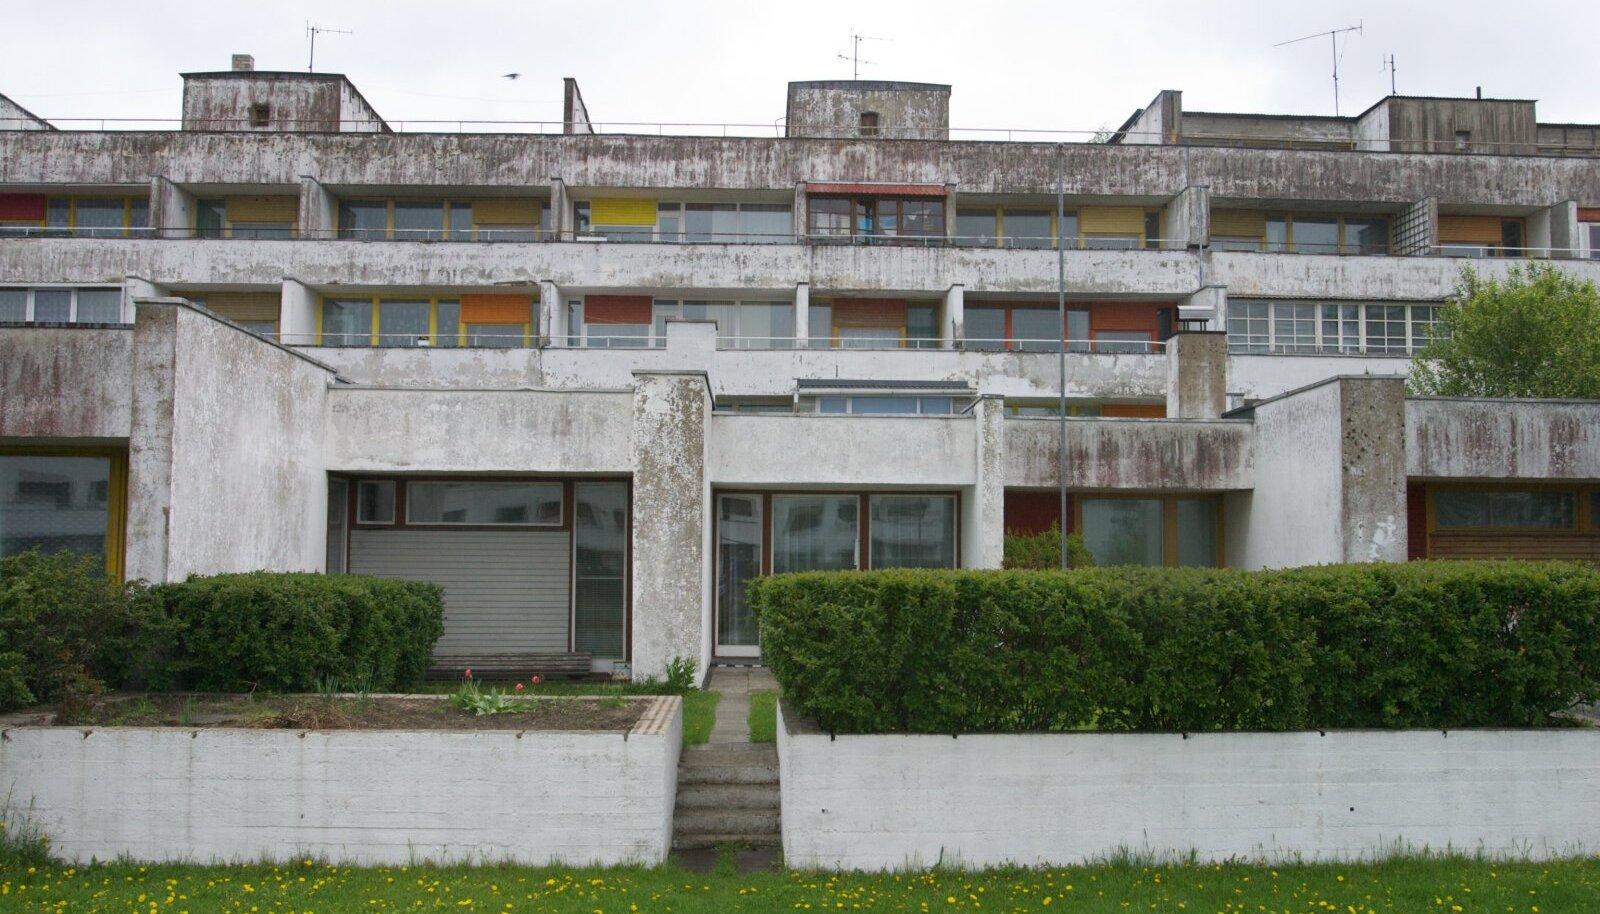 Pärnu Kuldne Kodu